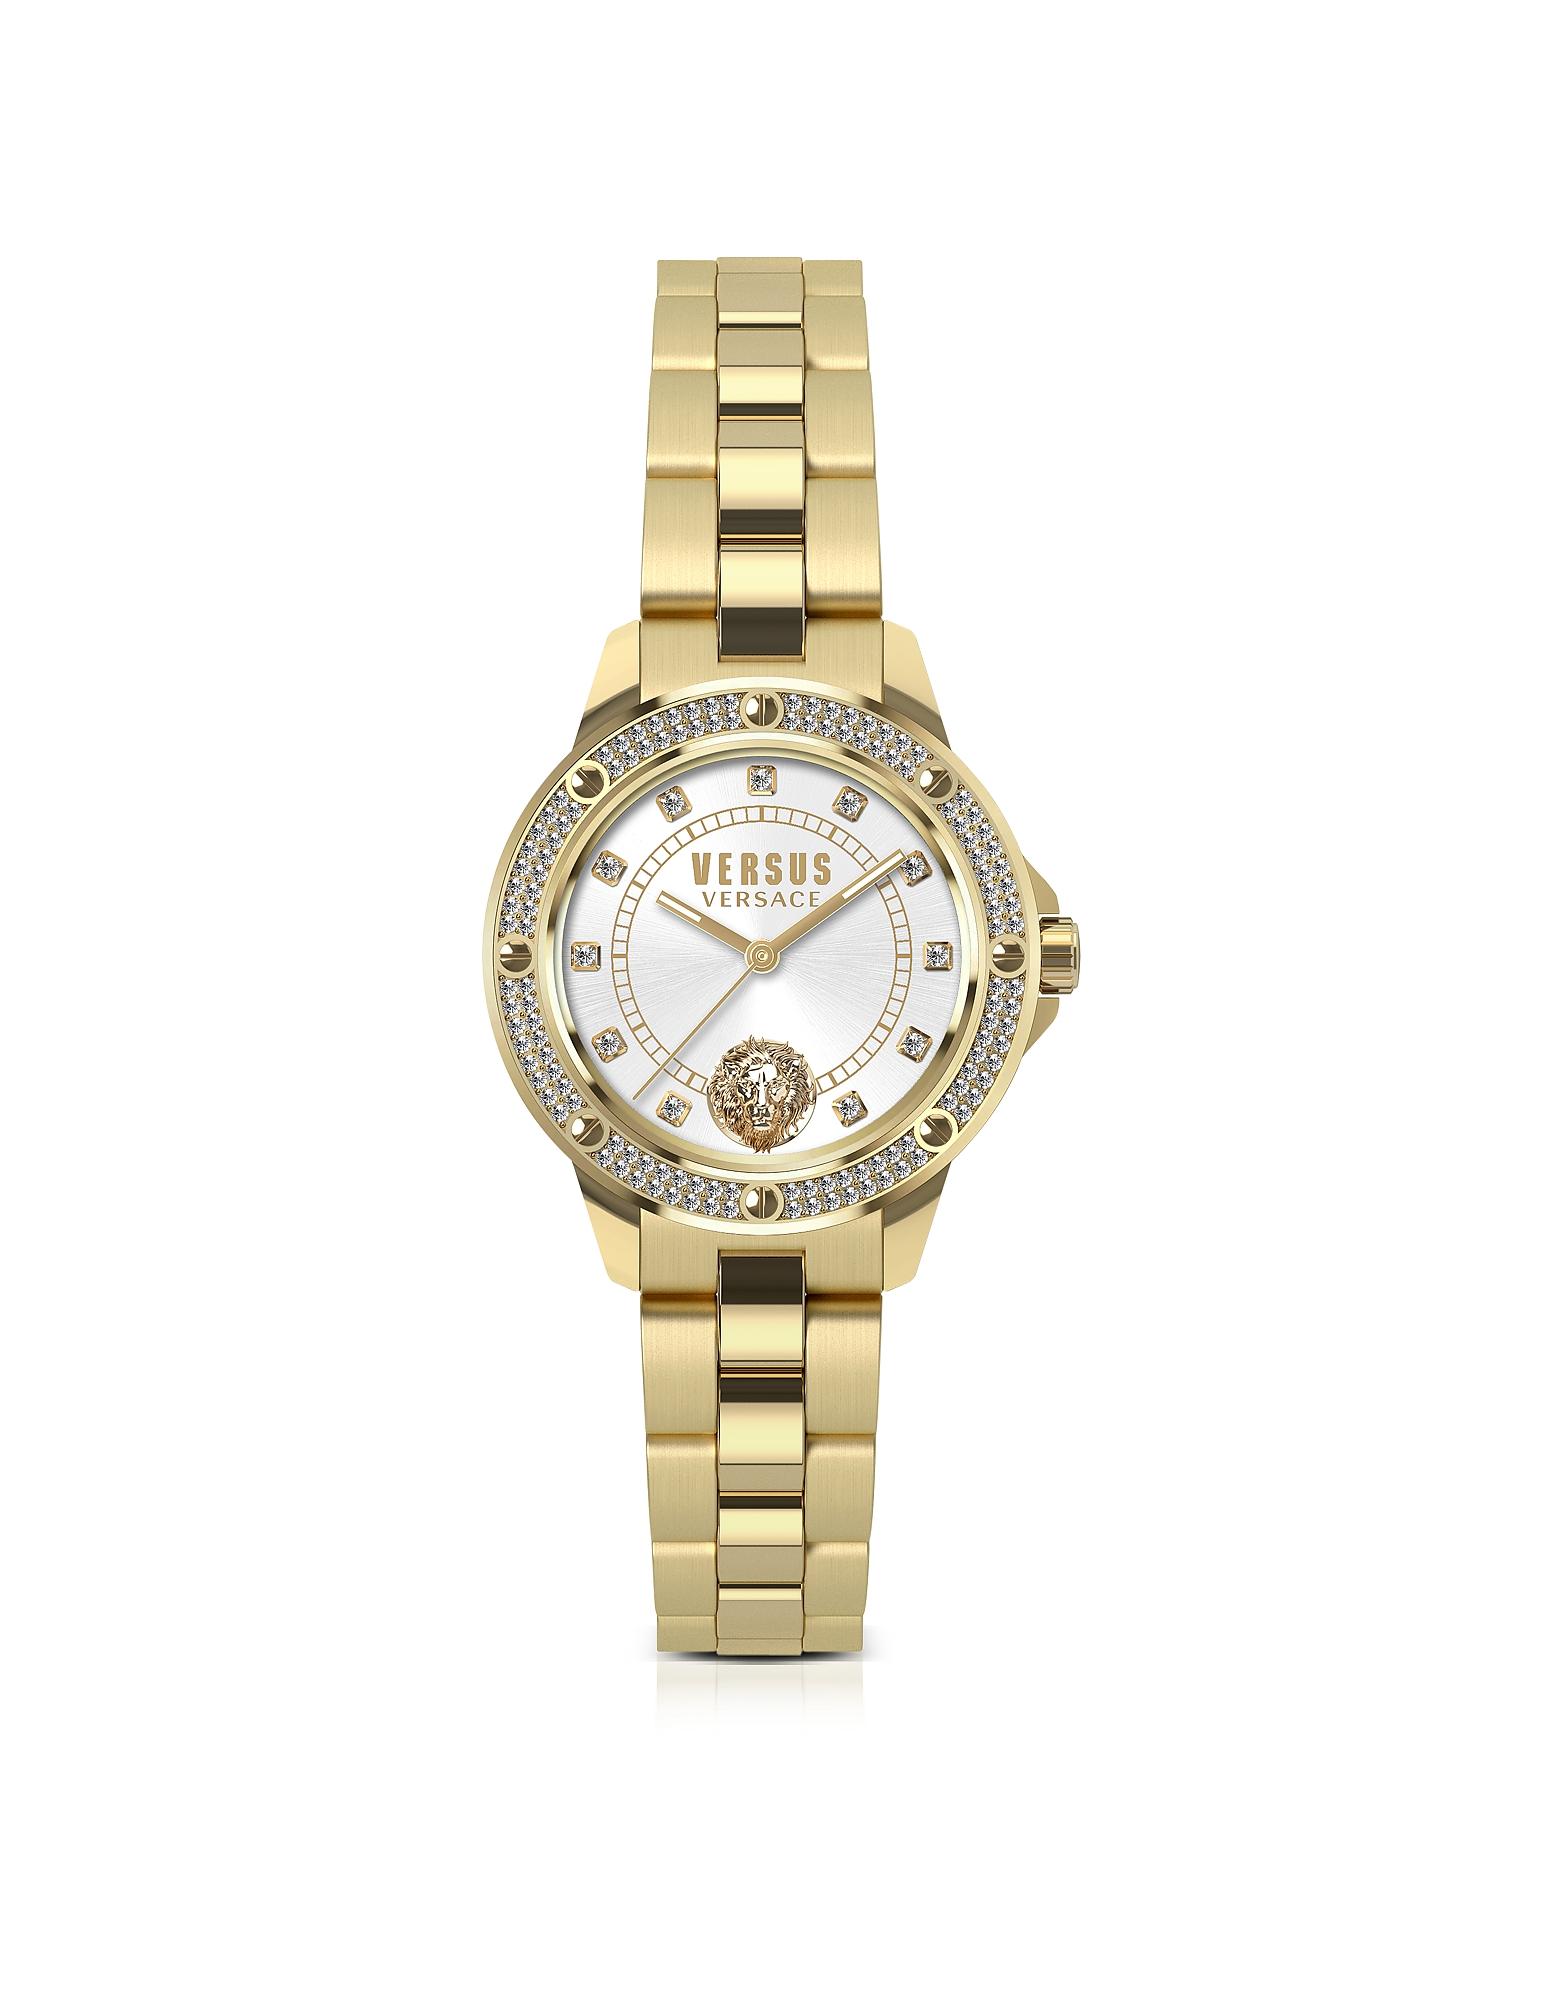 South Horizons - Золотистые Женские Часы из Нержавеющей Стали с Браслетом, Кристаллами и Белым Циферблатом